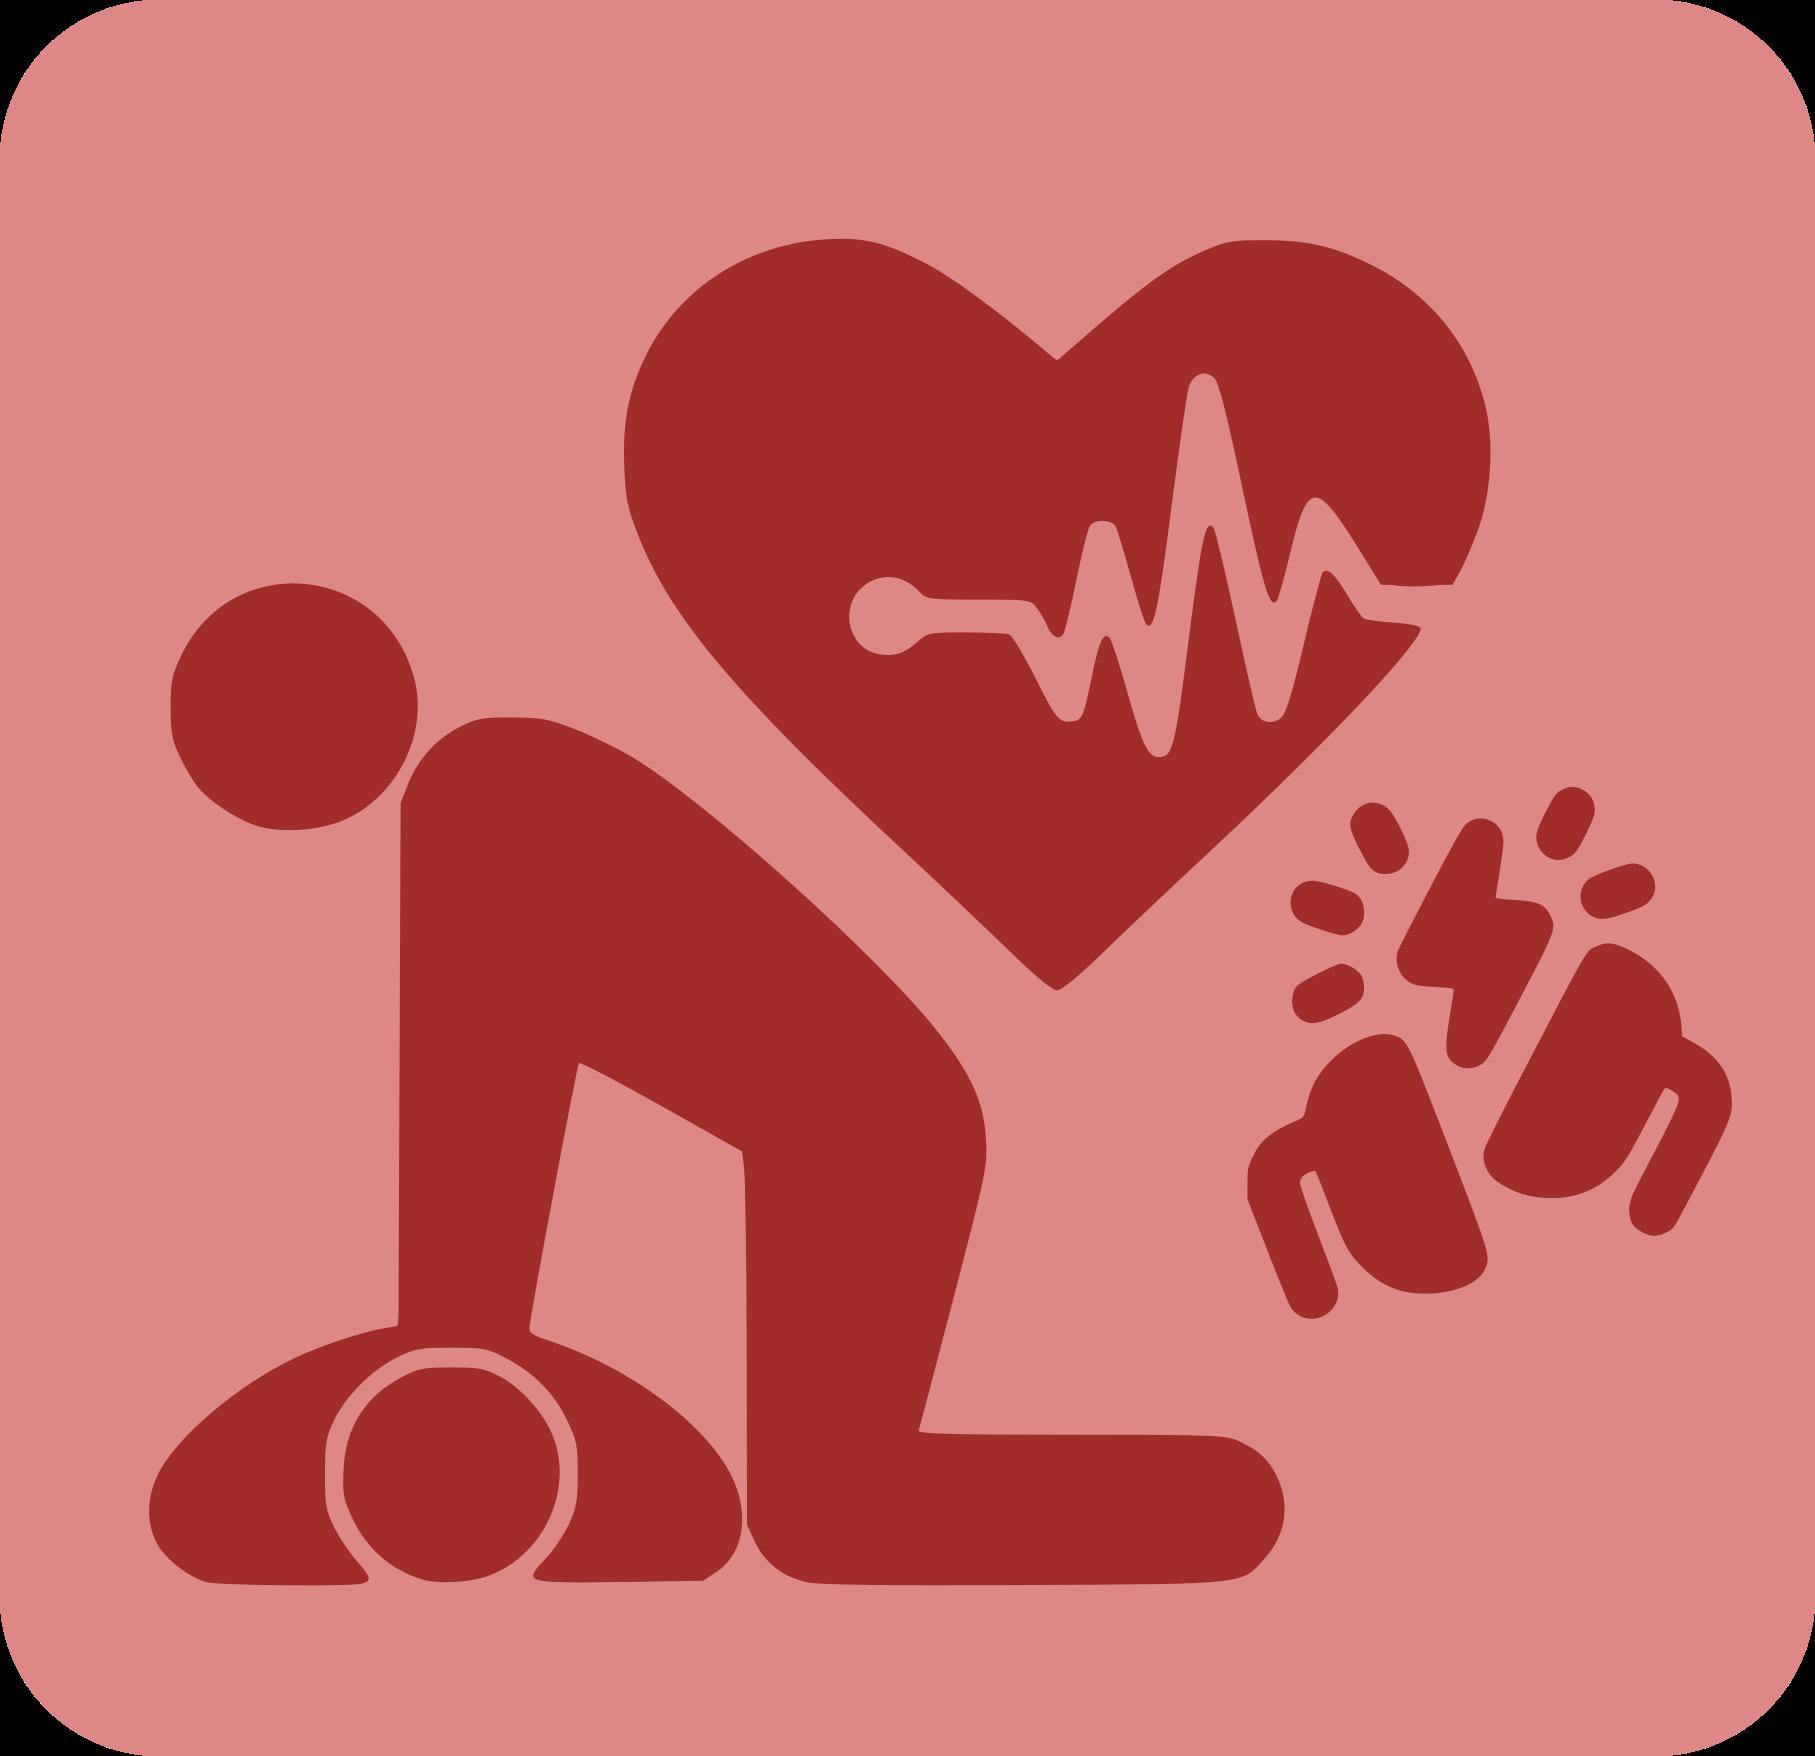 Resuscitació cardiopulmonar